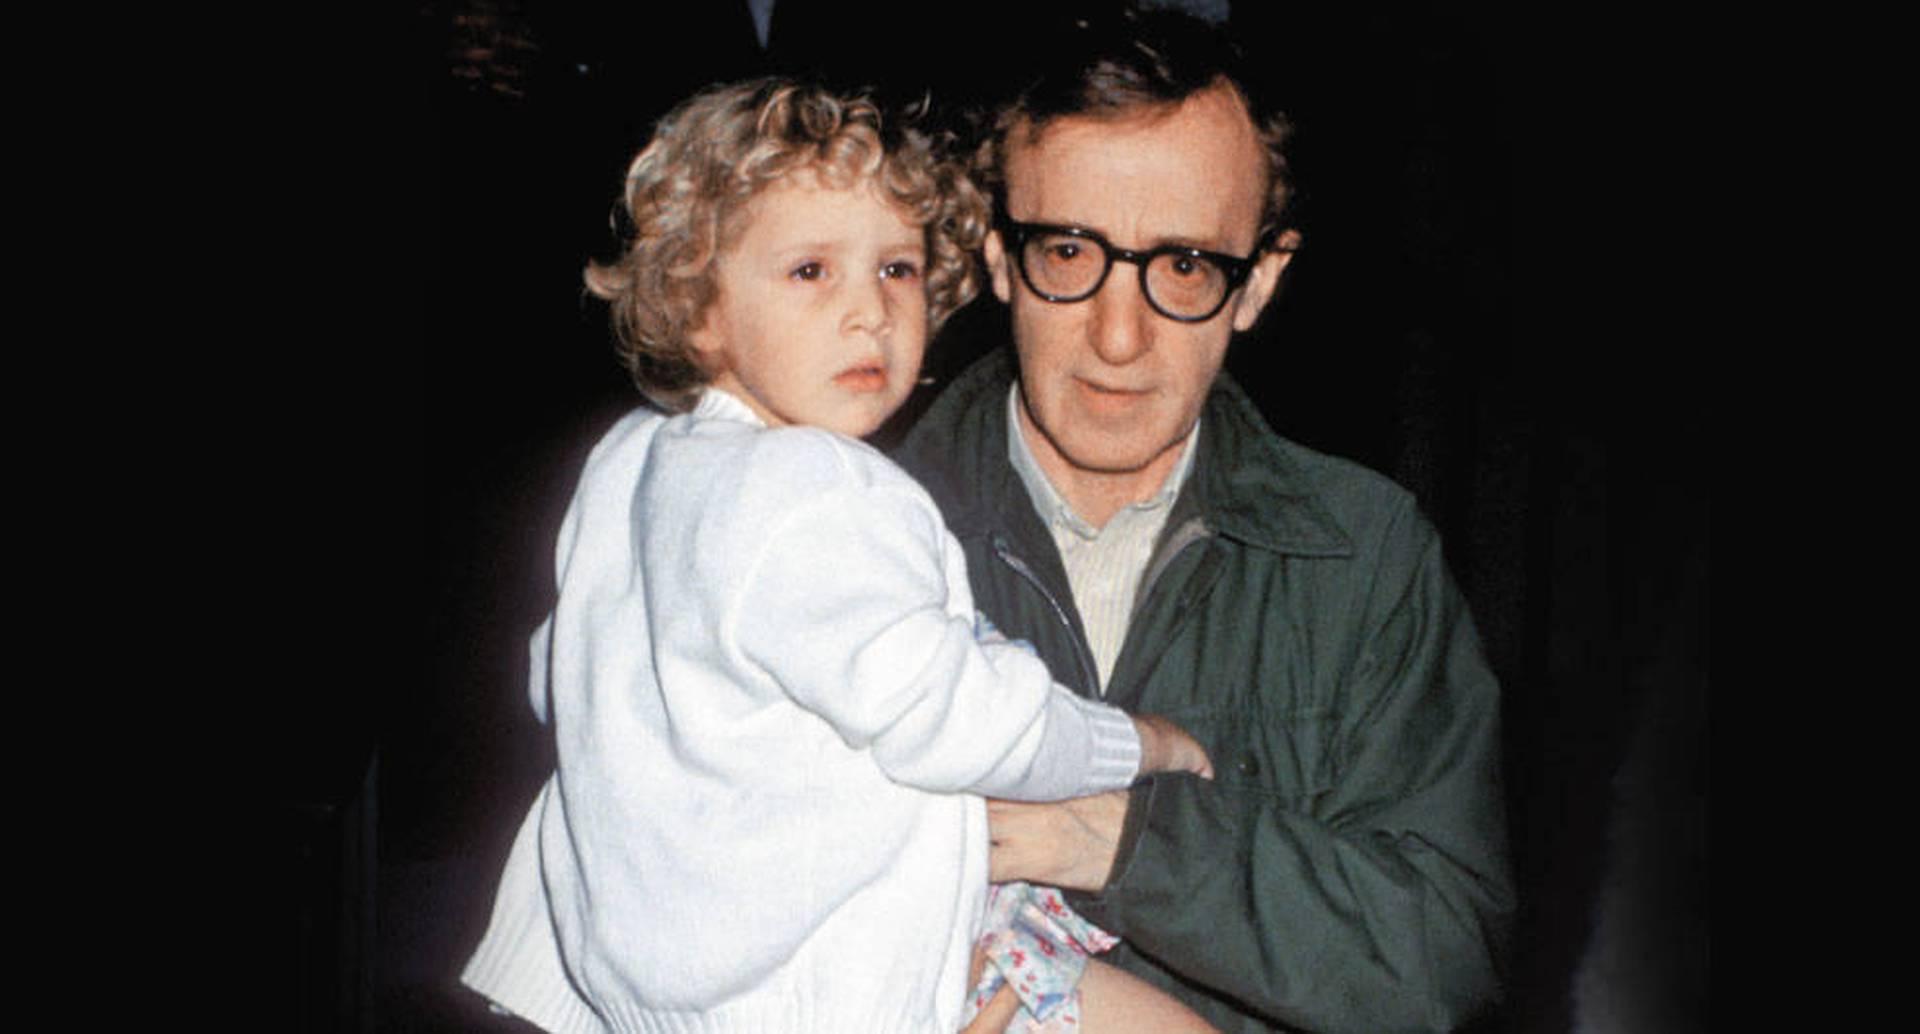 Allen con su hija Dylan, quien lo acusa de haber abusado de ella cuando tenía siete años. Dos investigaciones independientes lo exculparon en los noventa, pero el testimonio ha cobrado vigencia en el #MeToo.